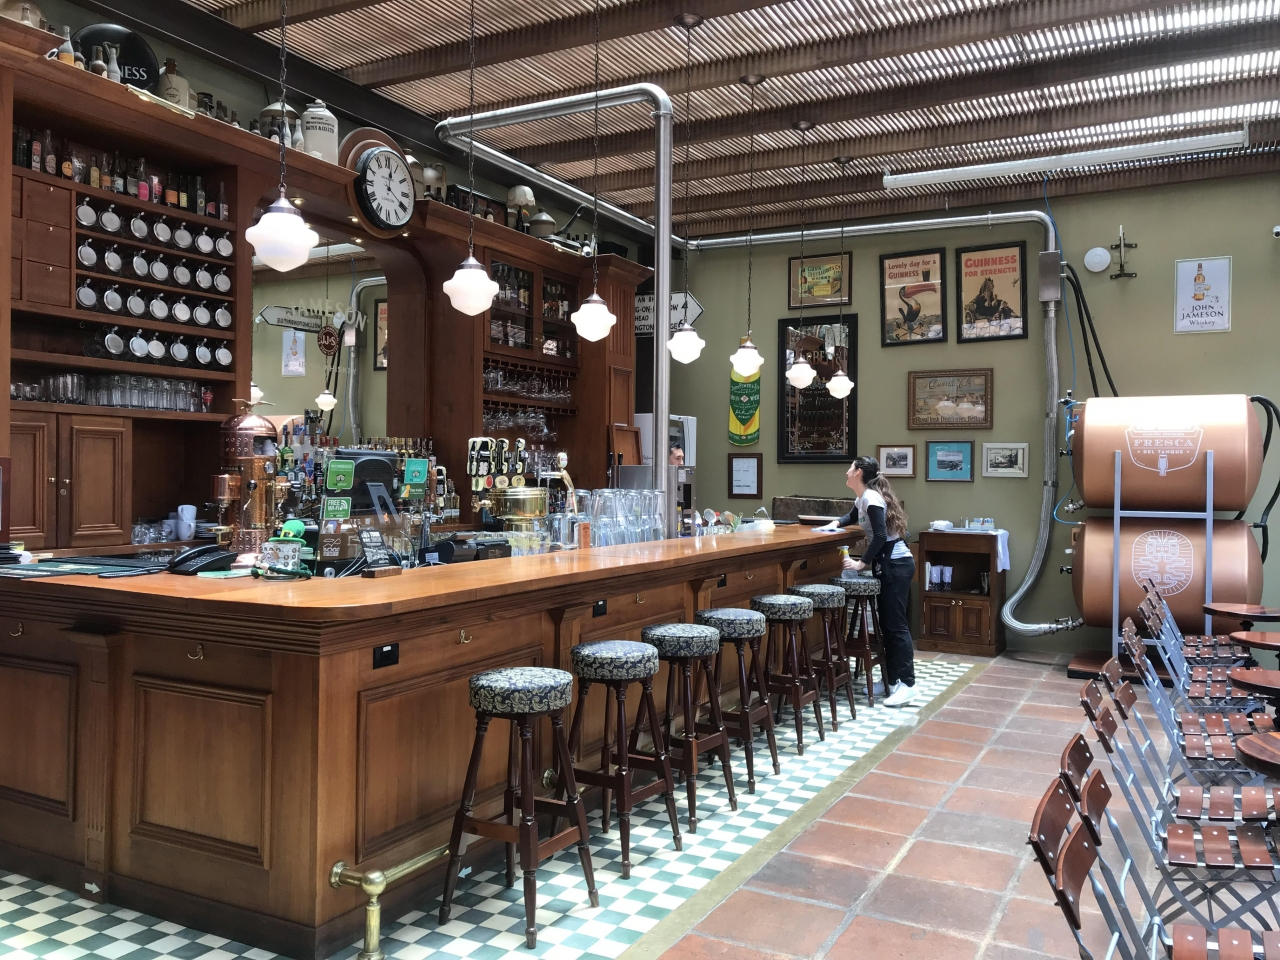 Cervezas artesanales le apuestan a ganarse su espacio en la ciudad